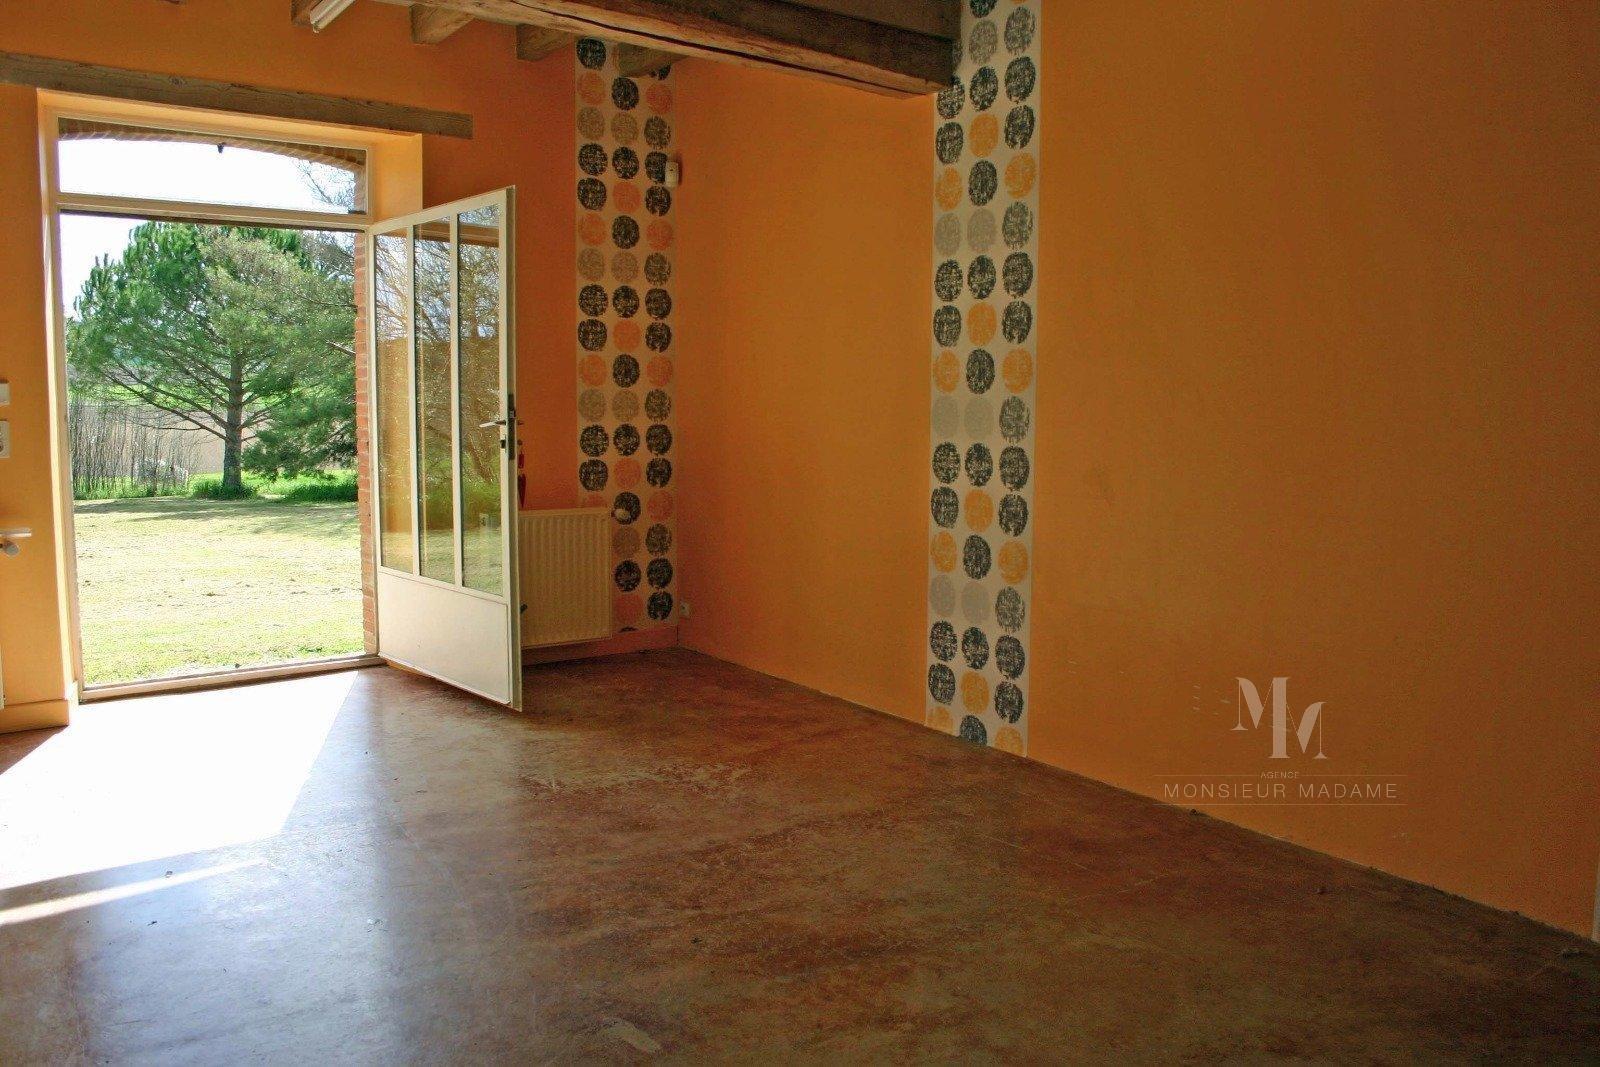 Villefranche, 20 mn, ferme lauragaise rénovée sur 7300 m2.